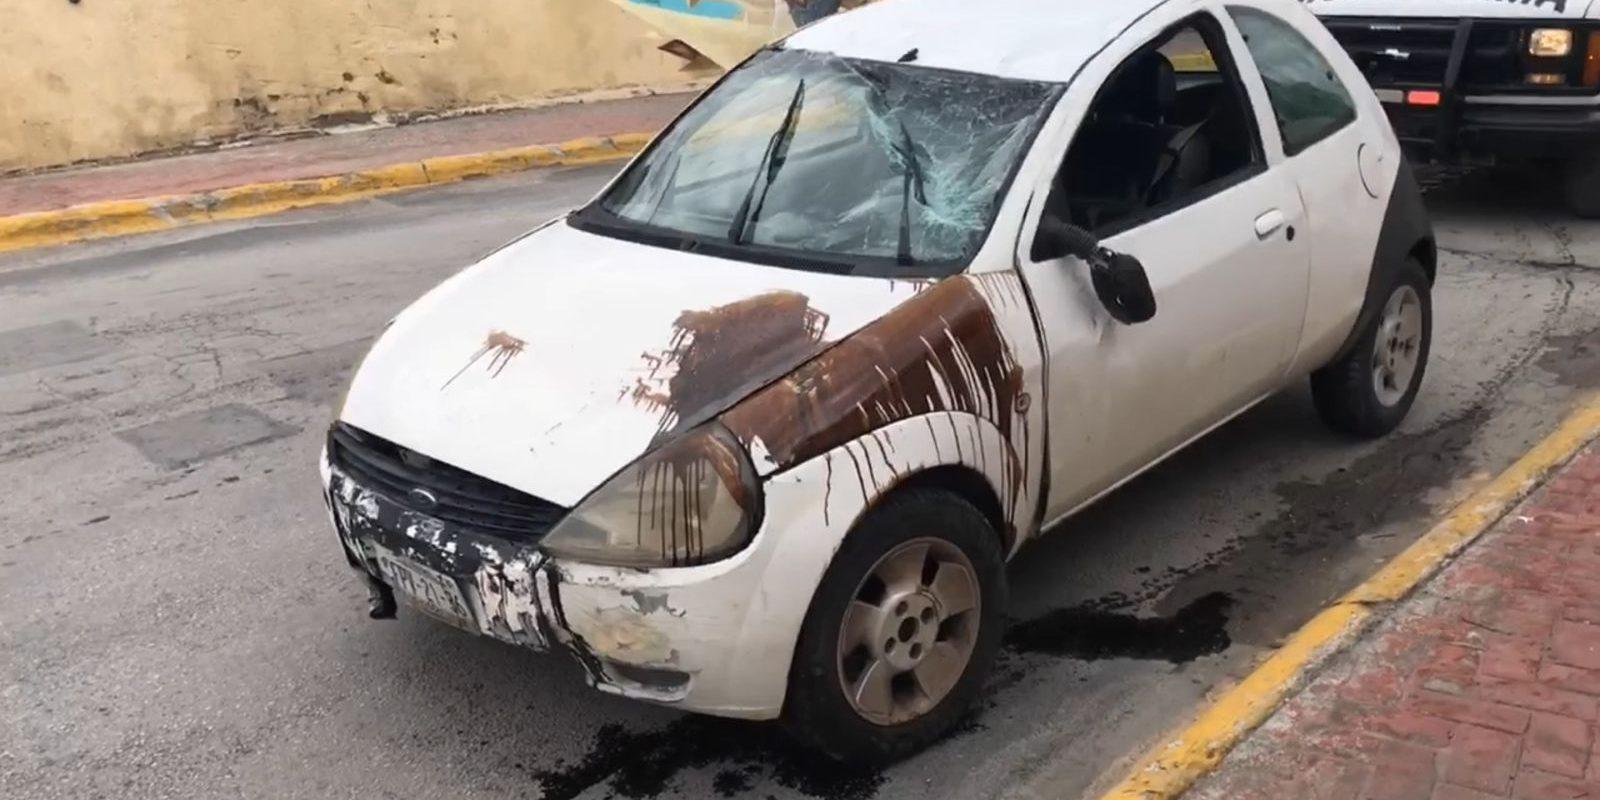 Vuelcan en un Ford KA en calle Hidalgo de Monclova